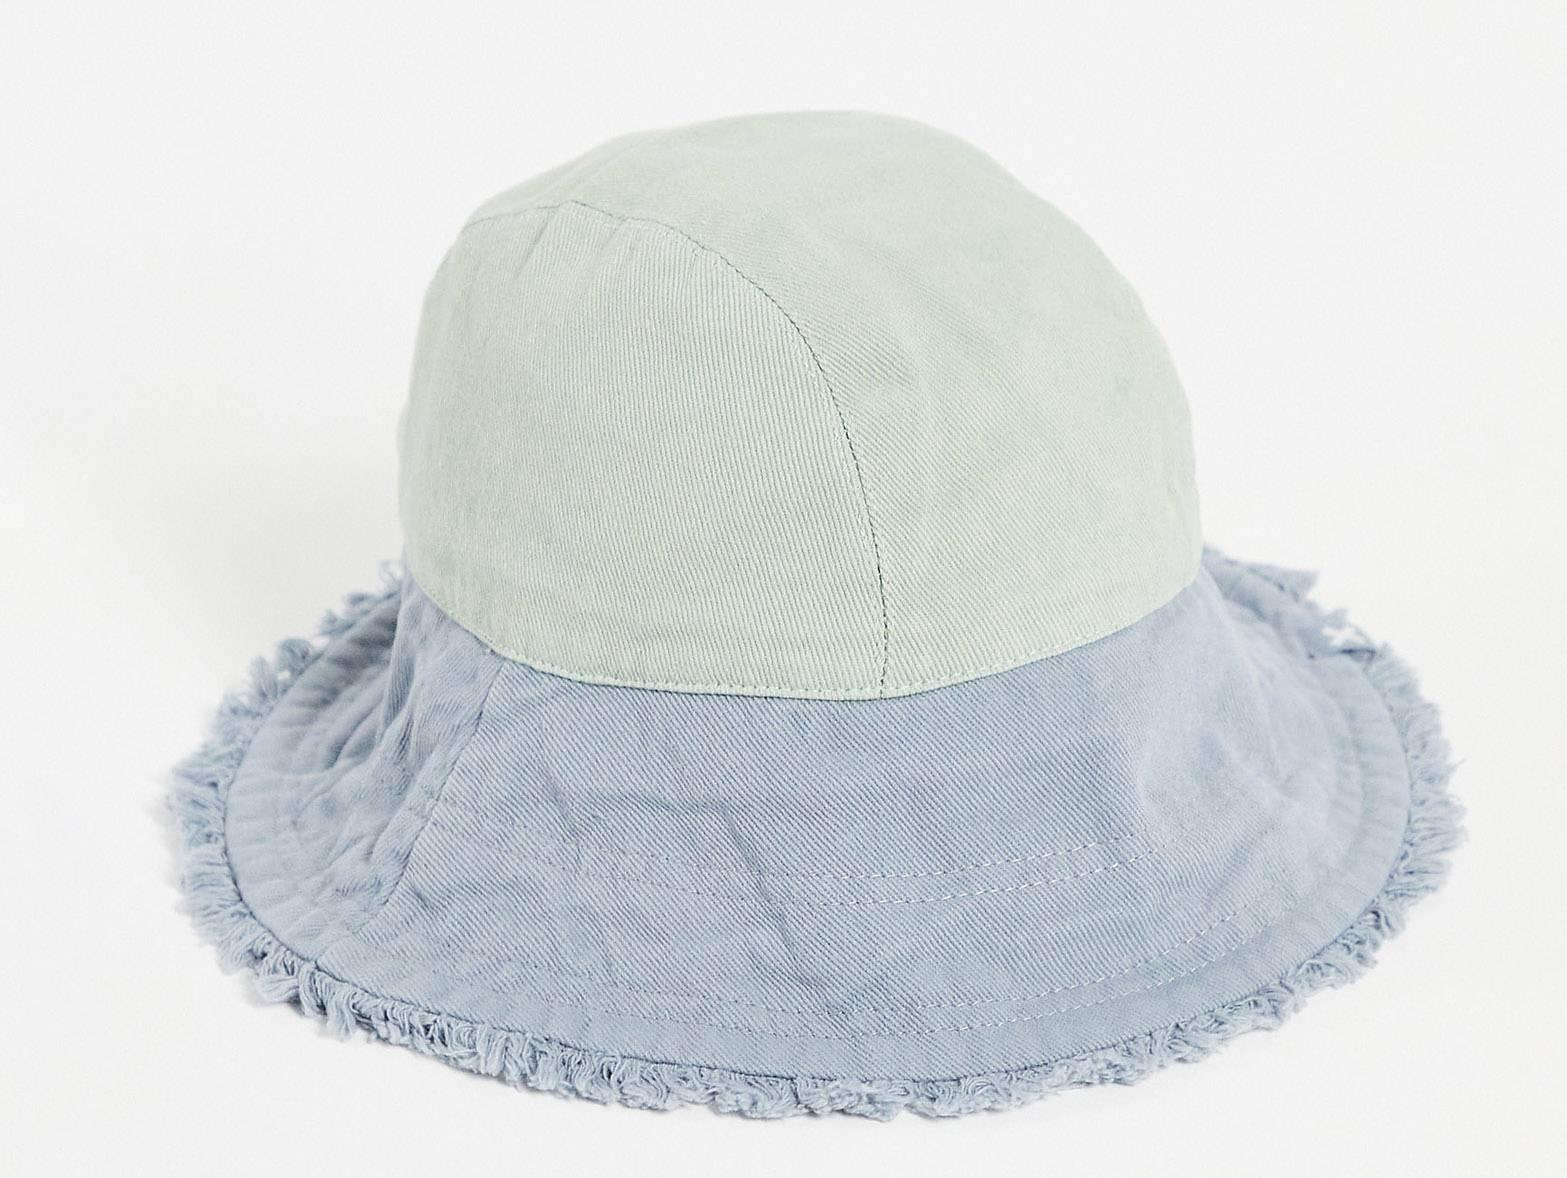 Sombrero de pescador con diseño tonal y bordes sin rematar.